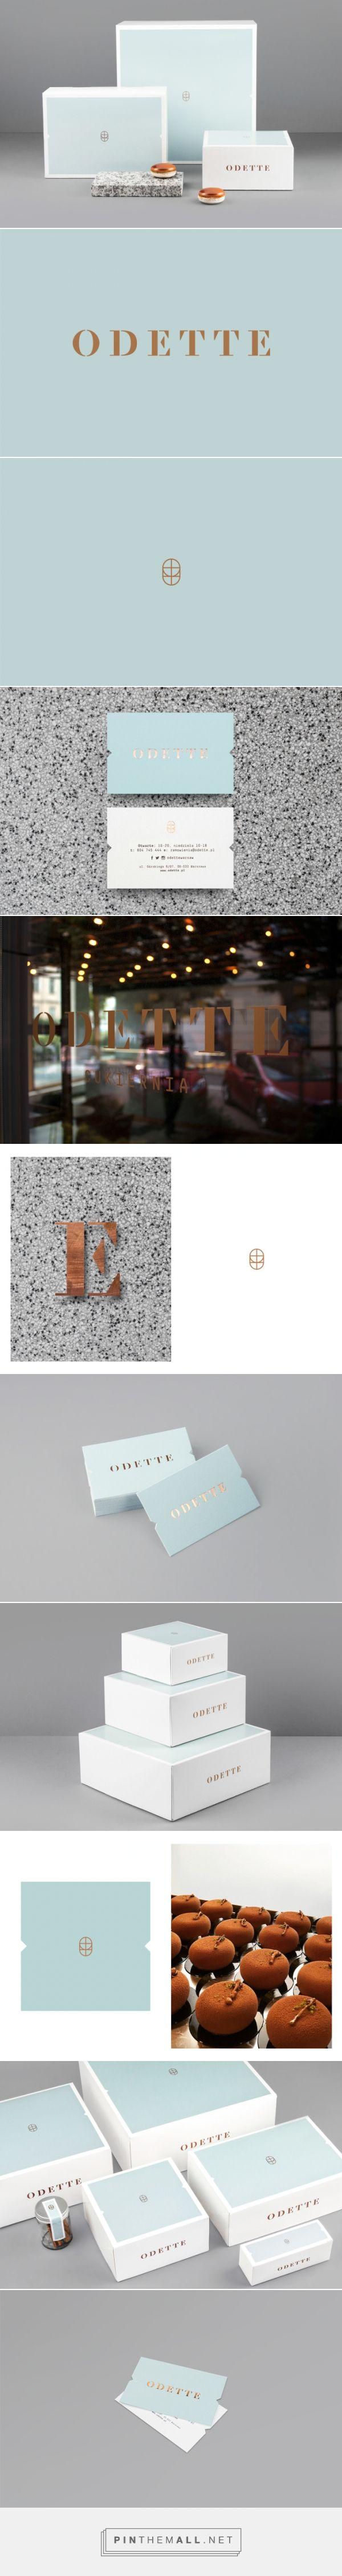 淡雅藍 精緻金   MyDesy 淘靈感 - created via http://pinthemall.net